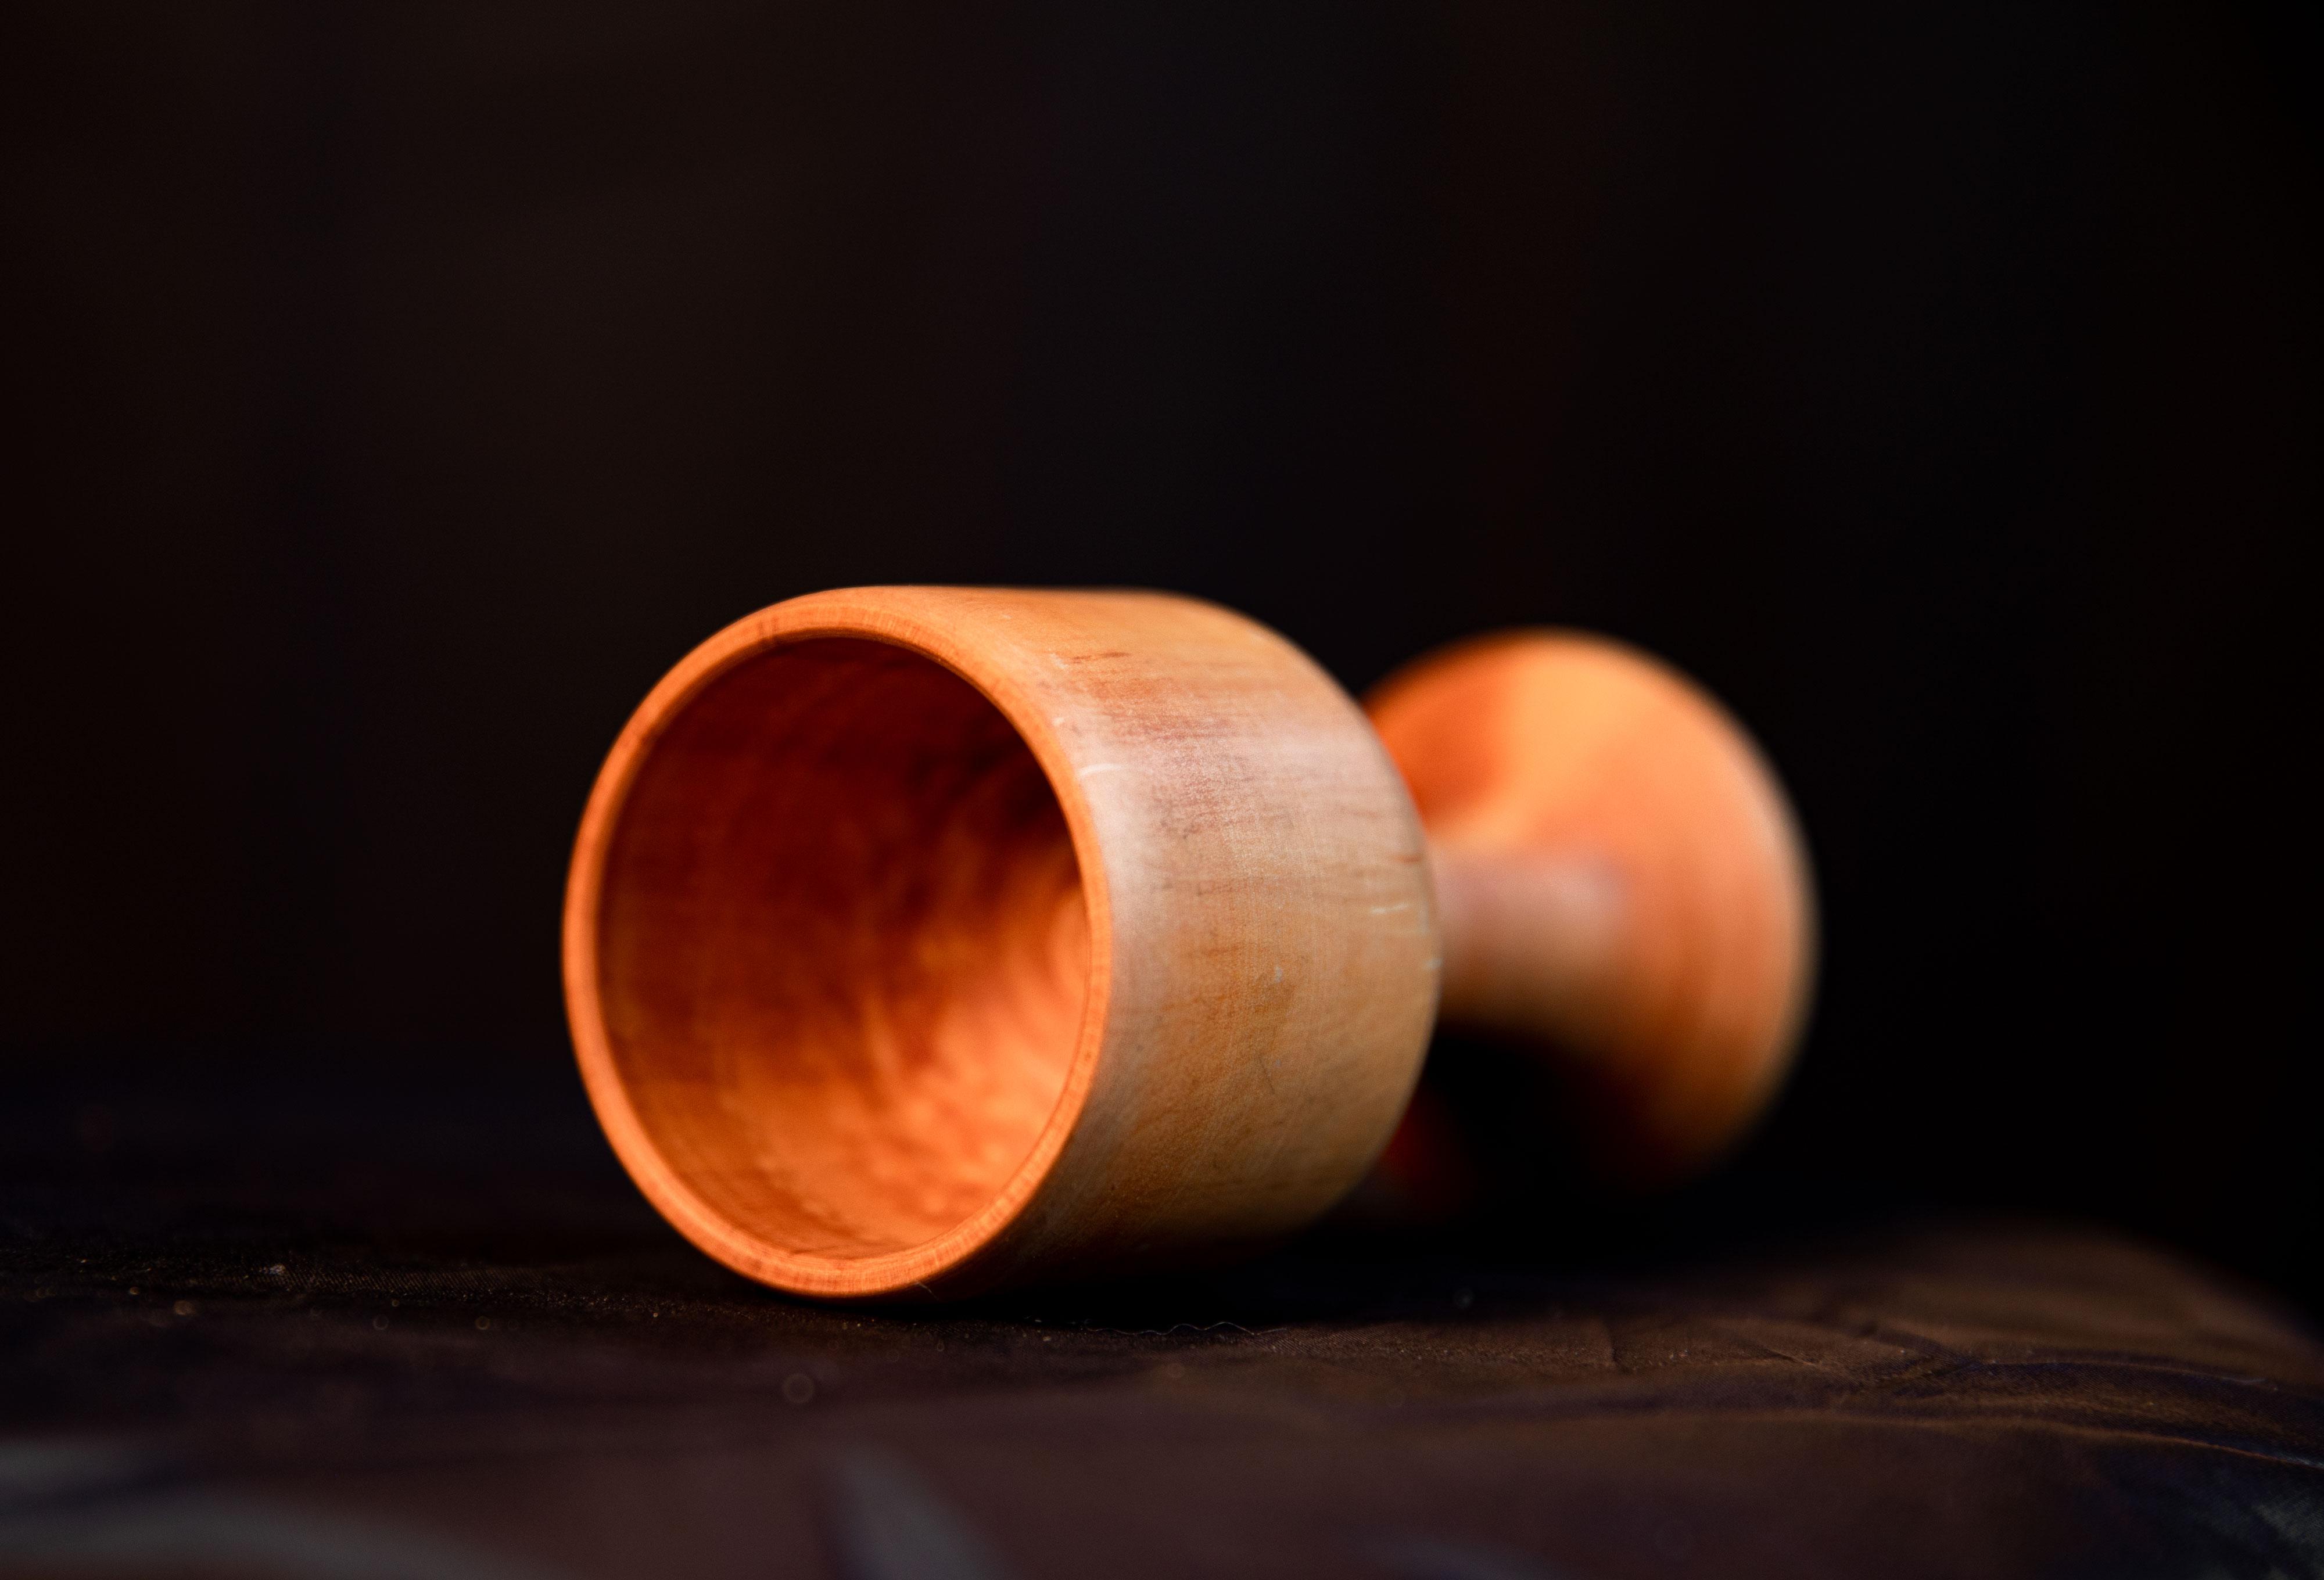 琼布木雕工艺藏式民族风居家生活用品纯手工浮雕技艺摆件